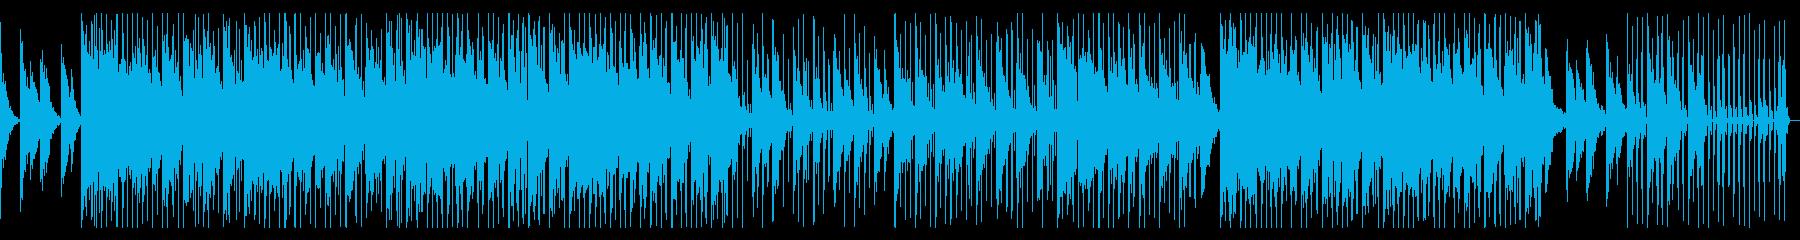 エレピ主体の切なくメロウなヒップホップの再生済みの波形